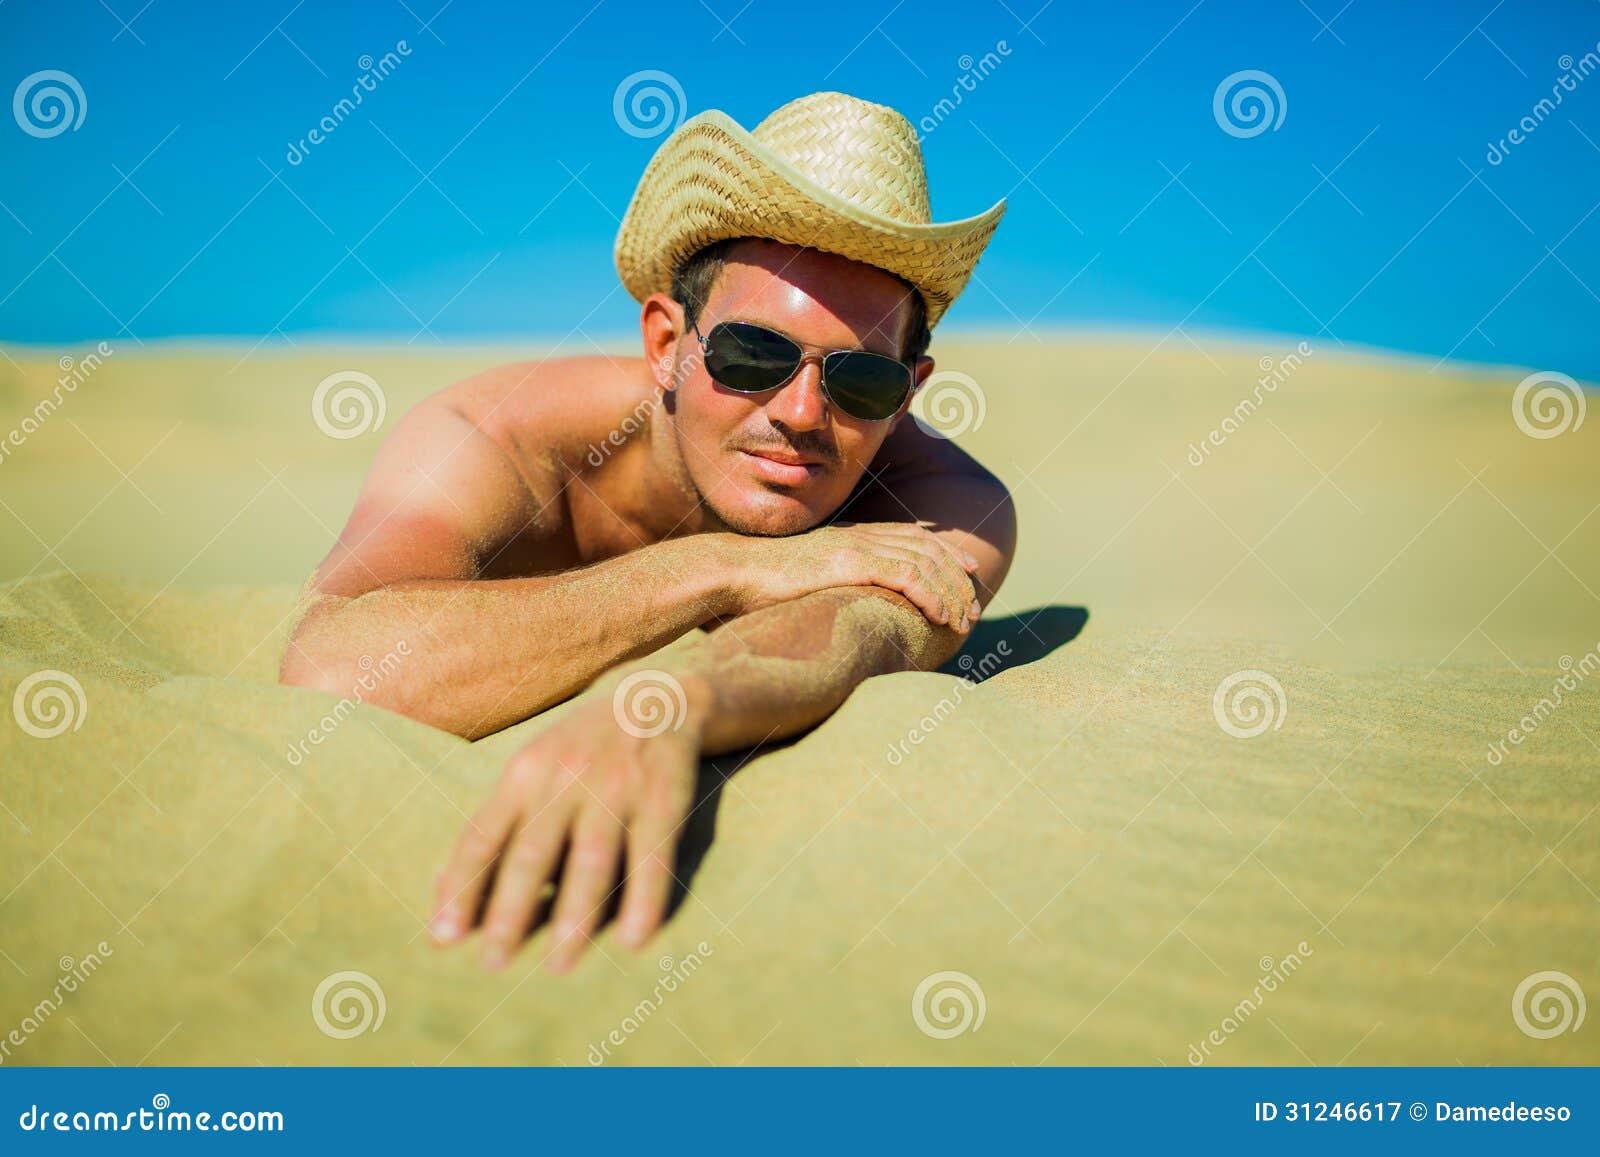 plage erotique sur beach babes - belles filles nues a la plage